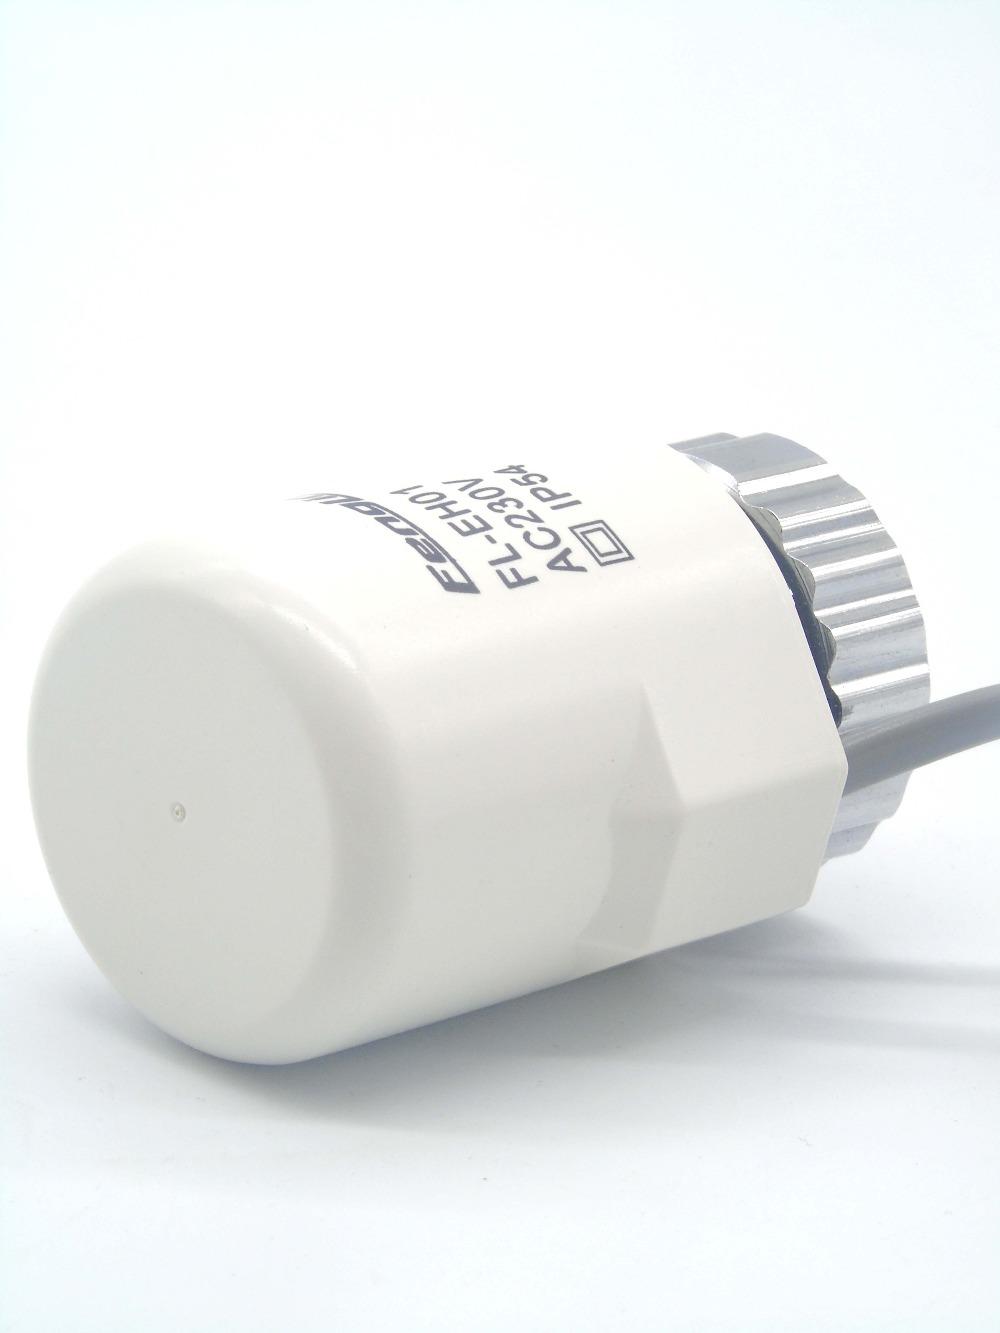 Compra t rmica de calefacci n por suelo radiante online al - Calefaccion radiante precio ...